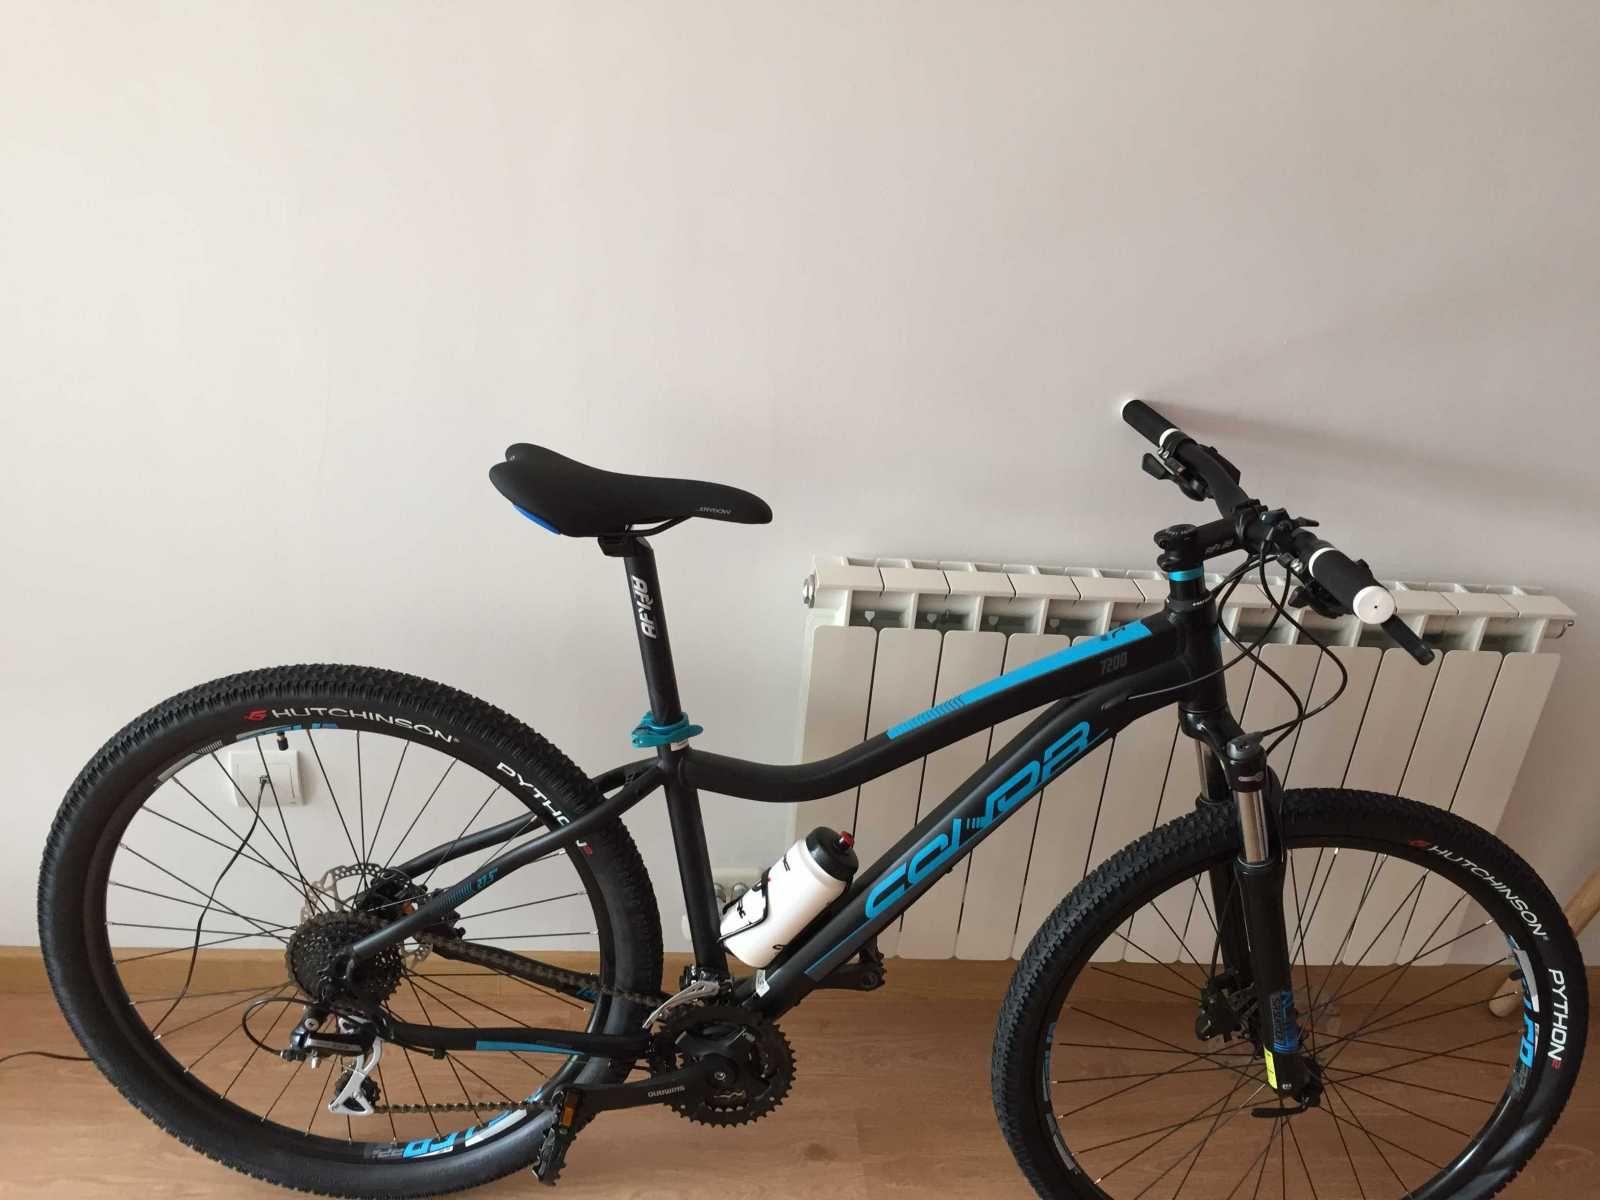 c7b1292d9 Bicicleta de montaña Conor 7200 27